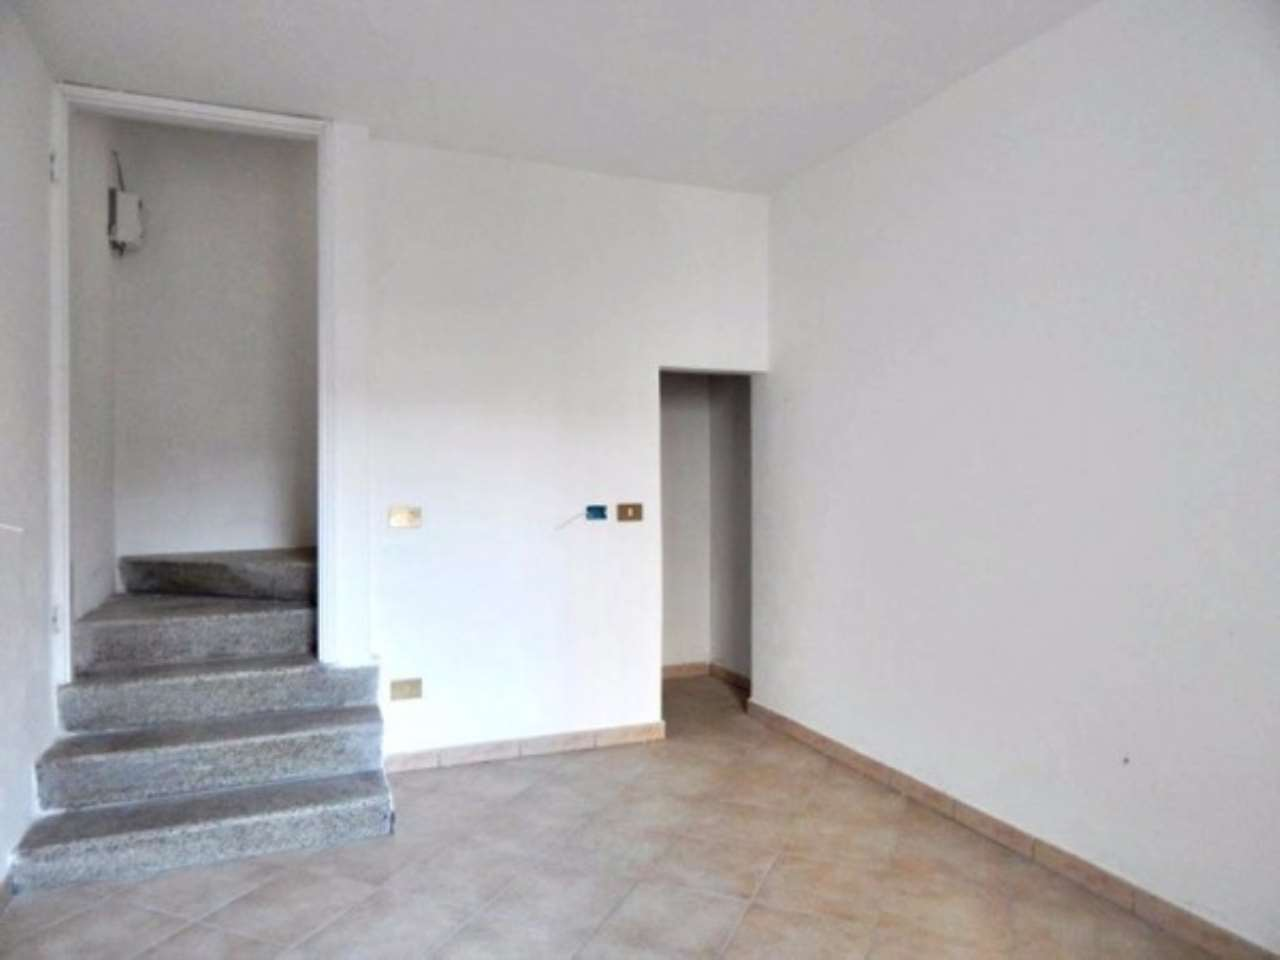 Appartamento in vendita a Certosa di Pavia, 3 locali, prezzo € 77.000   Cambio Casa.it